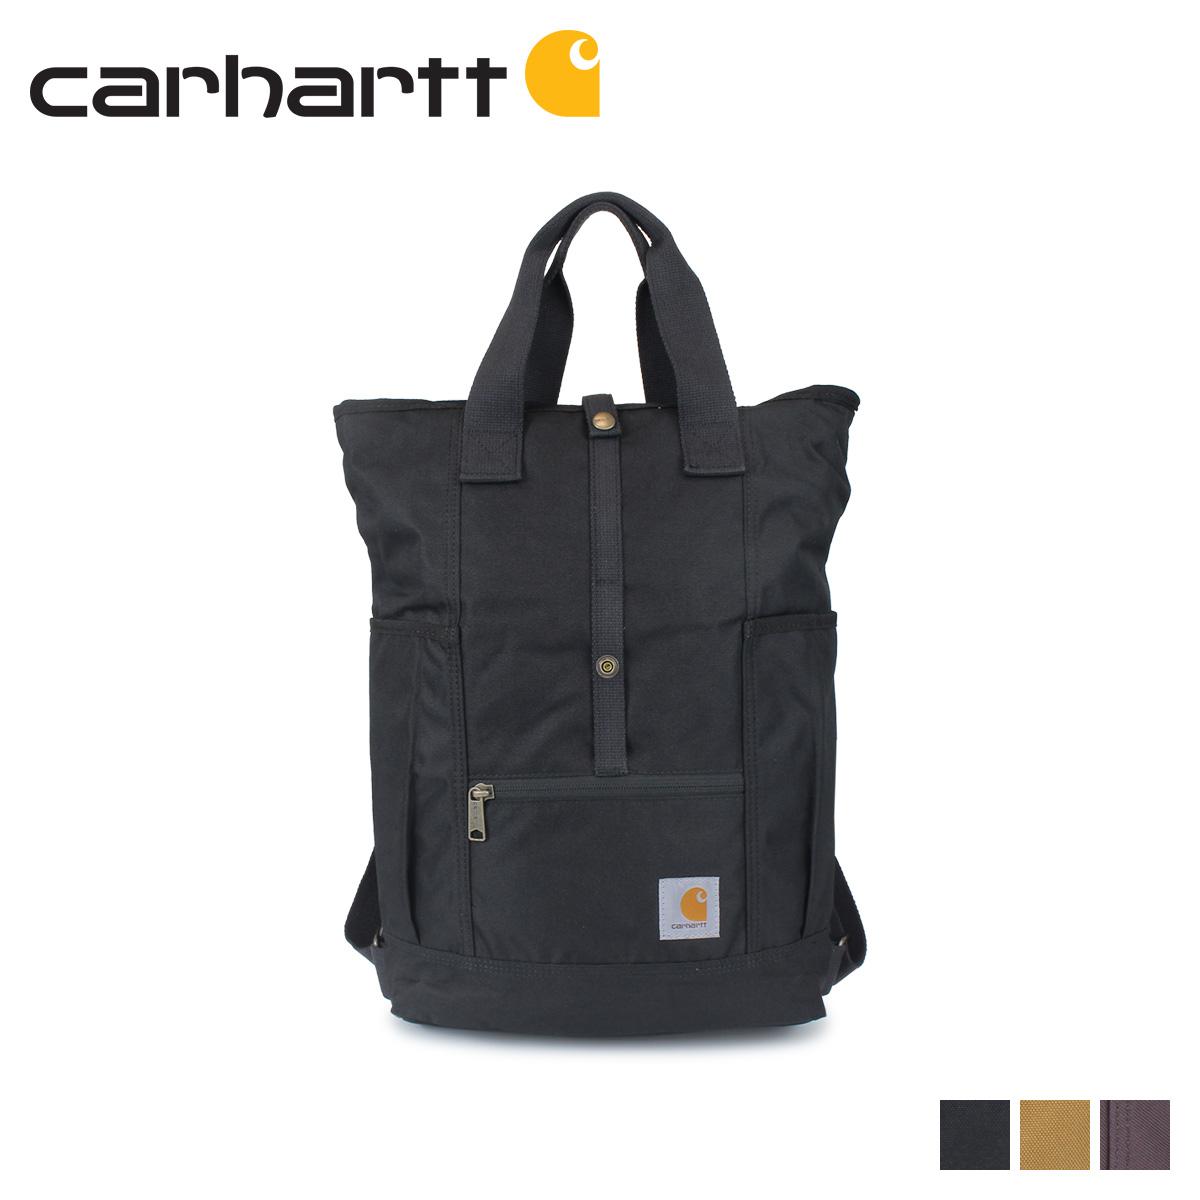 カーハート carhartt リュック バッグ バックパック トートバッグ メンズ レディース BACKPACK HYBRID ブラック ブラウン ワイン 黒 137901